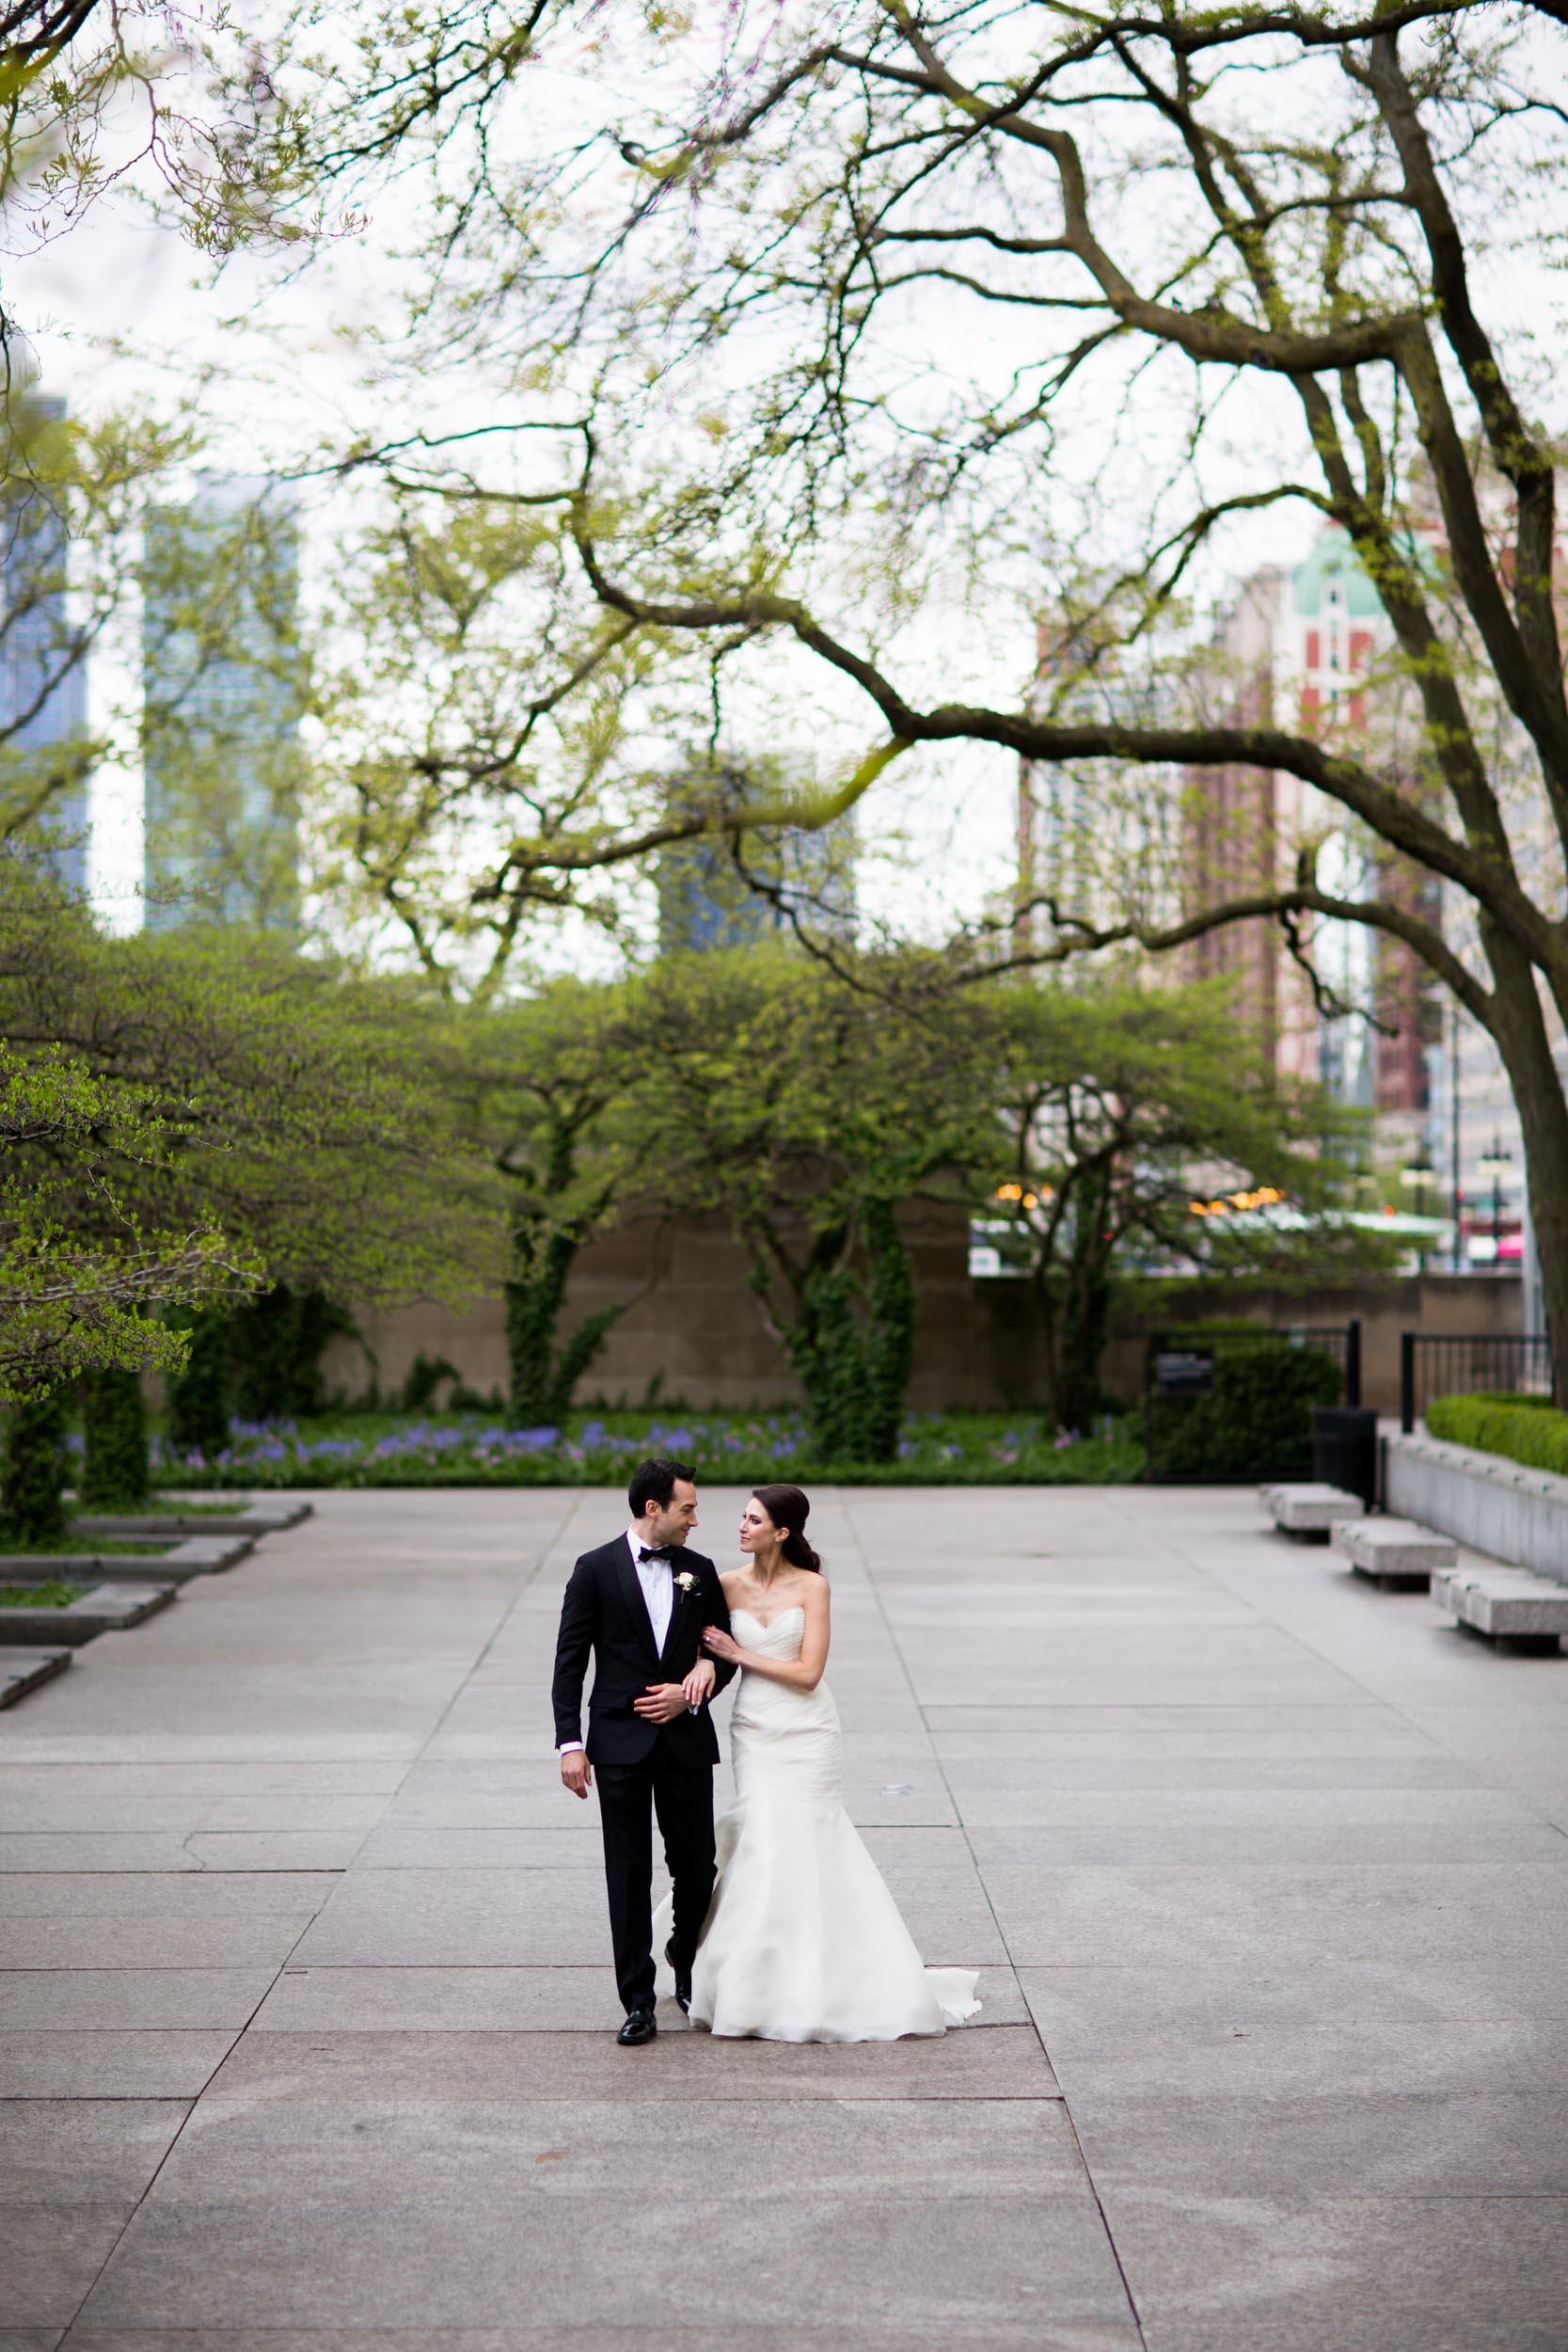 chicago-wedding-photos-studio-this-is-jack-schroeder-9.jpg